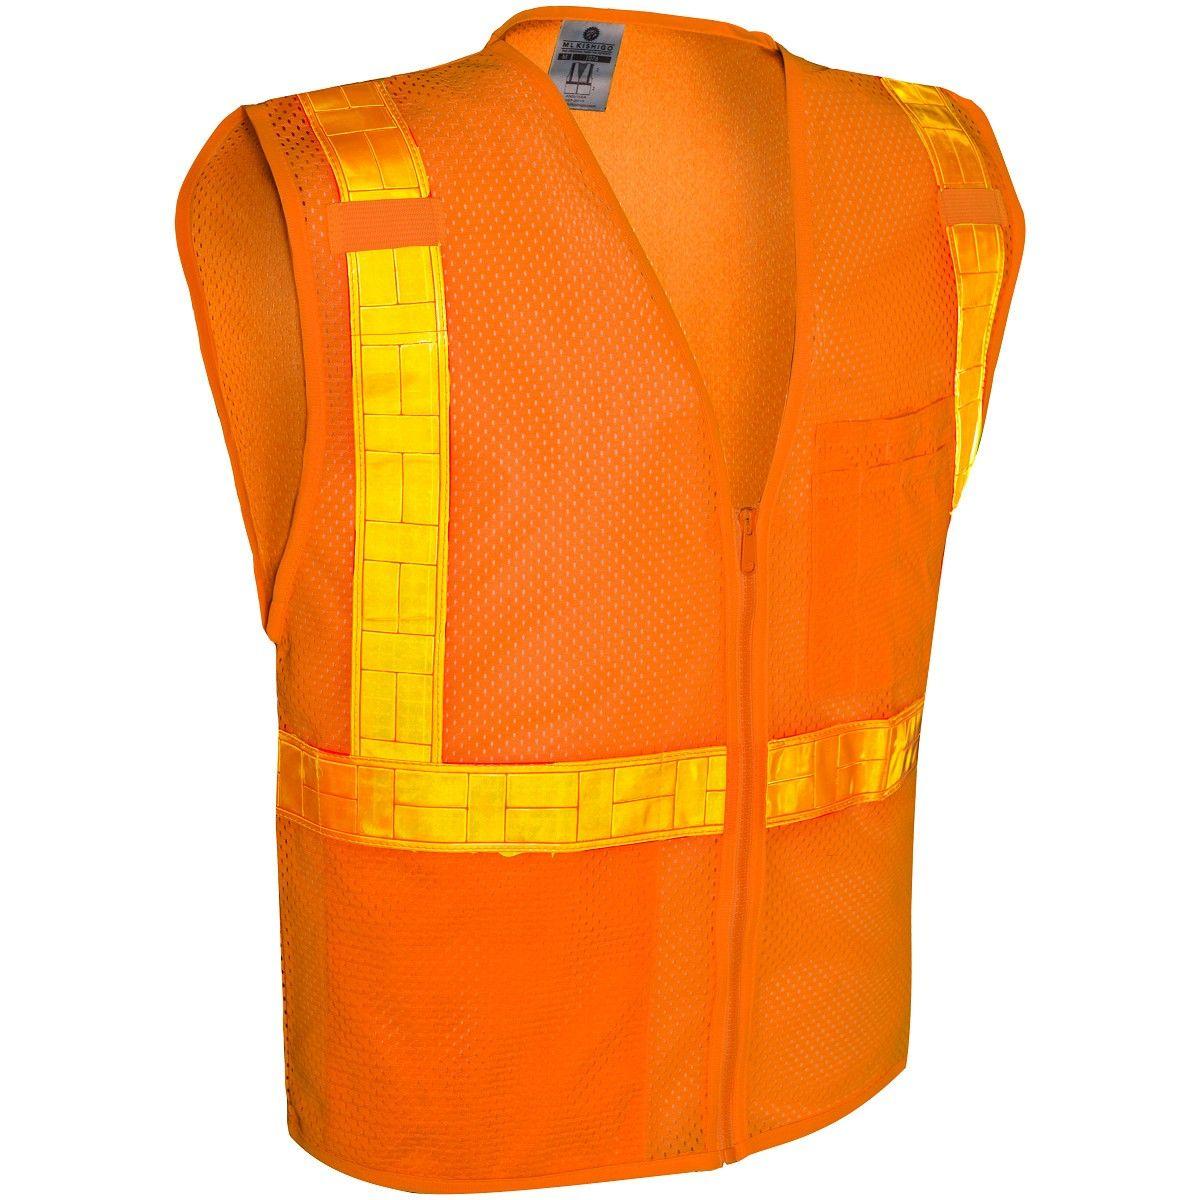 Kishigo 1077 ultracool mesh reflexite safety vest